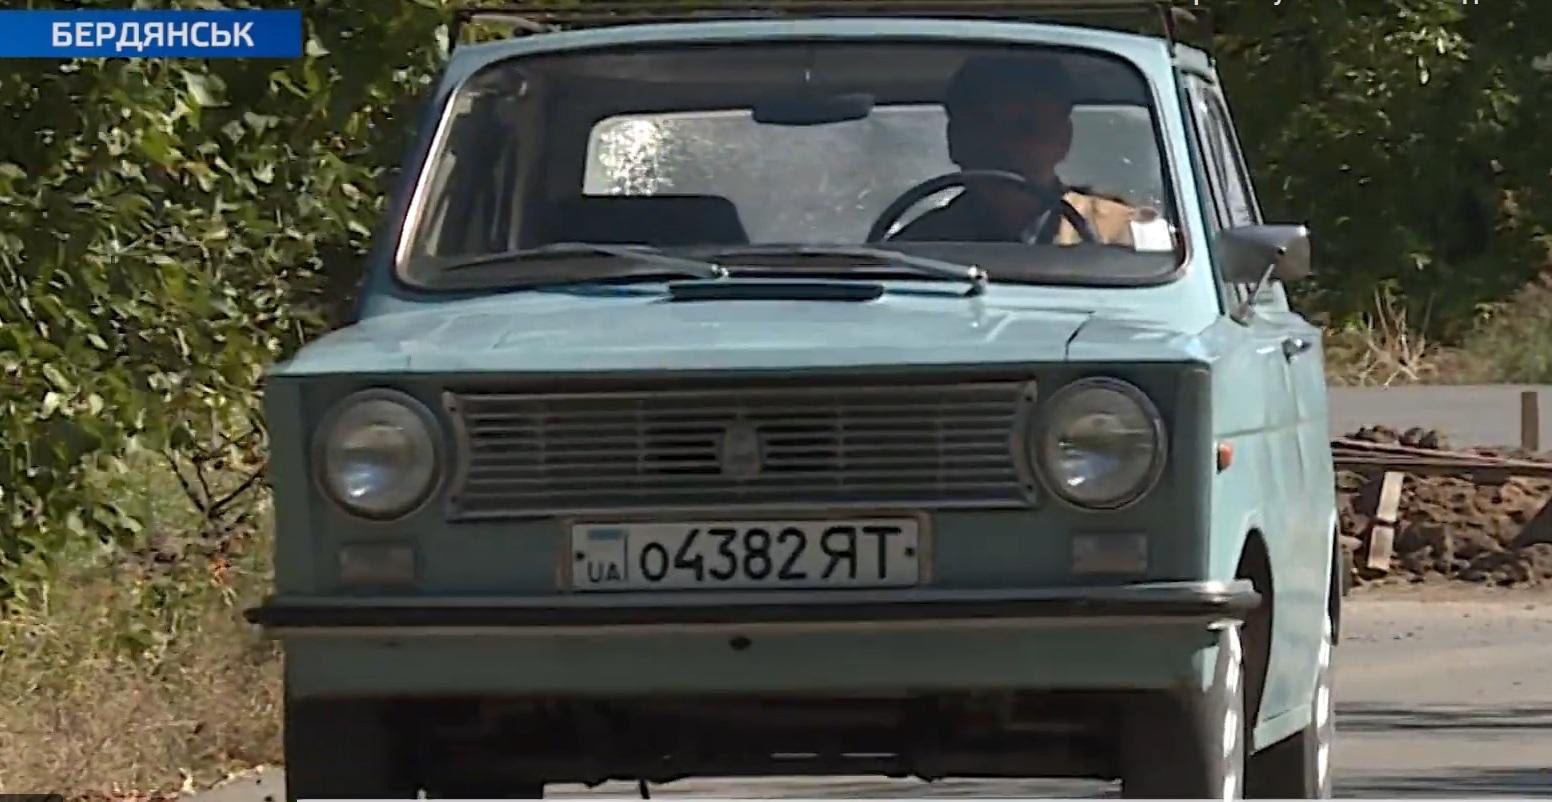 Украинец уже четверть века ездит на самодельном автомобиле 1